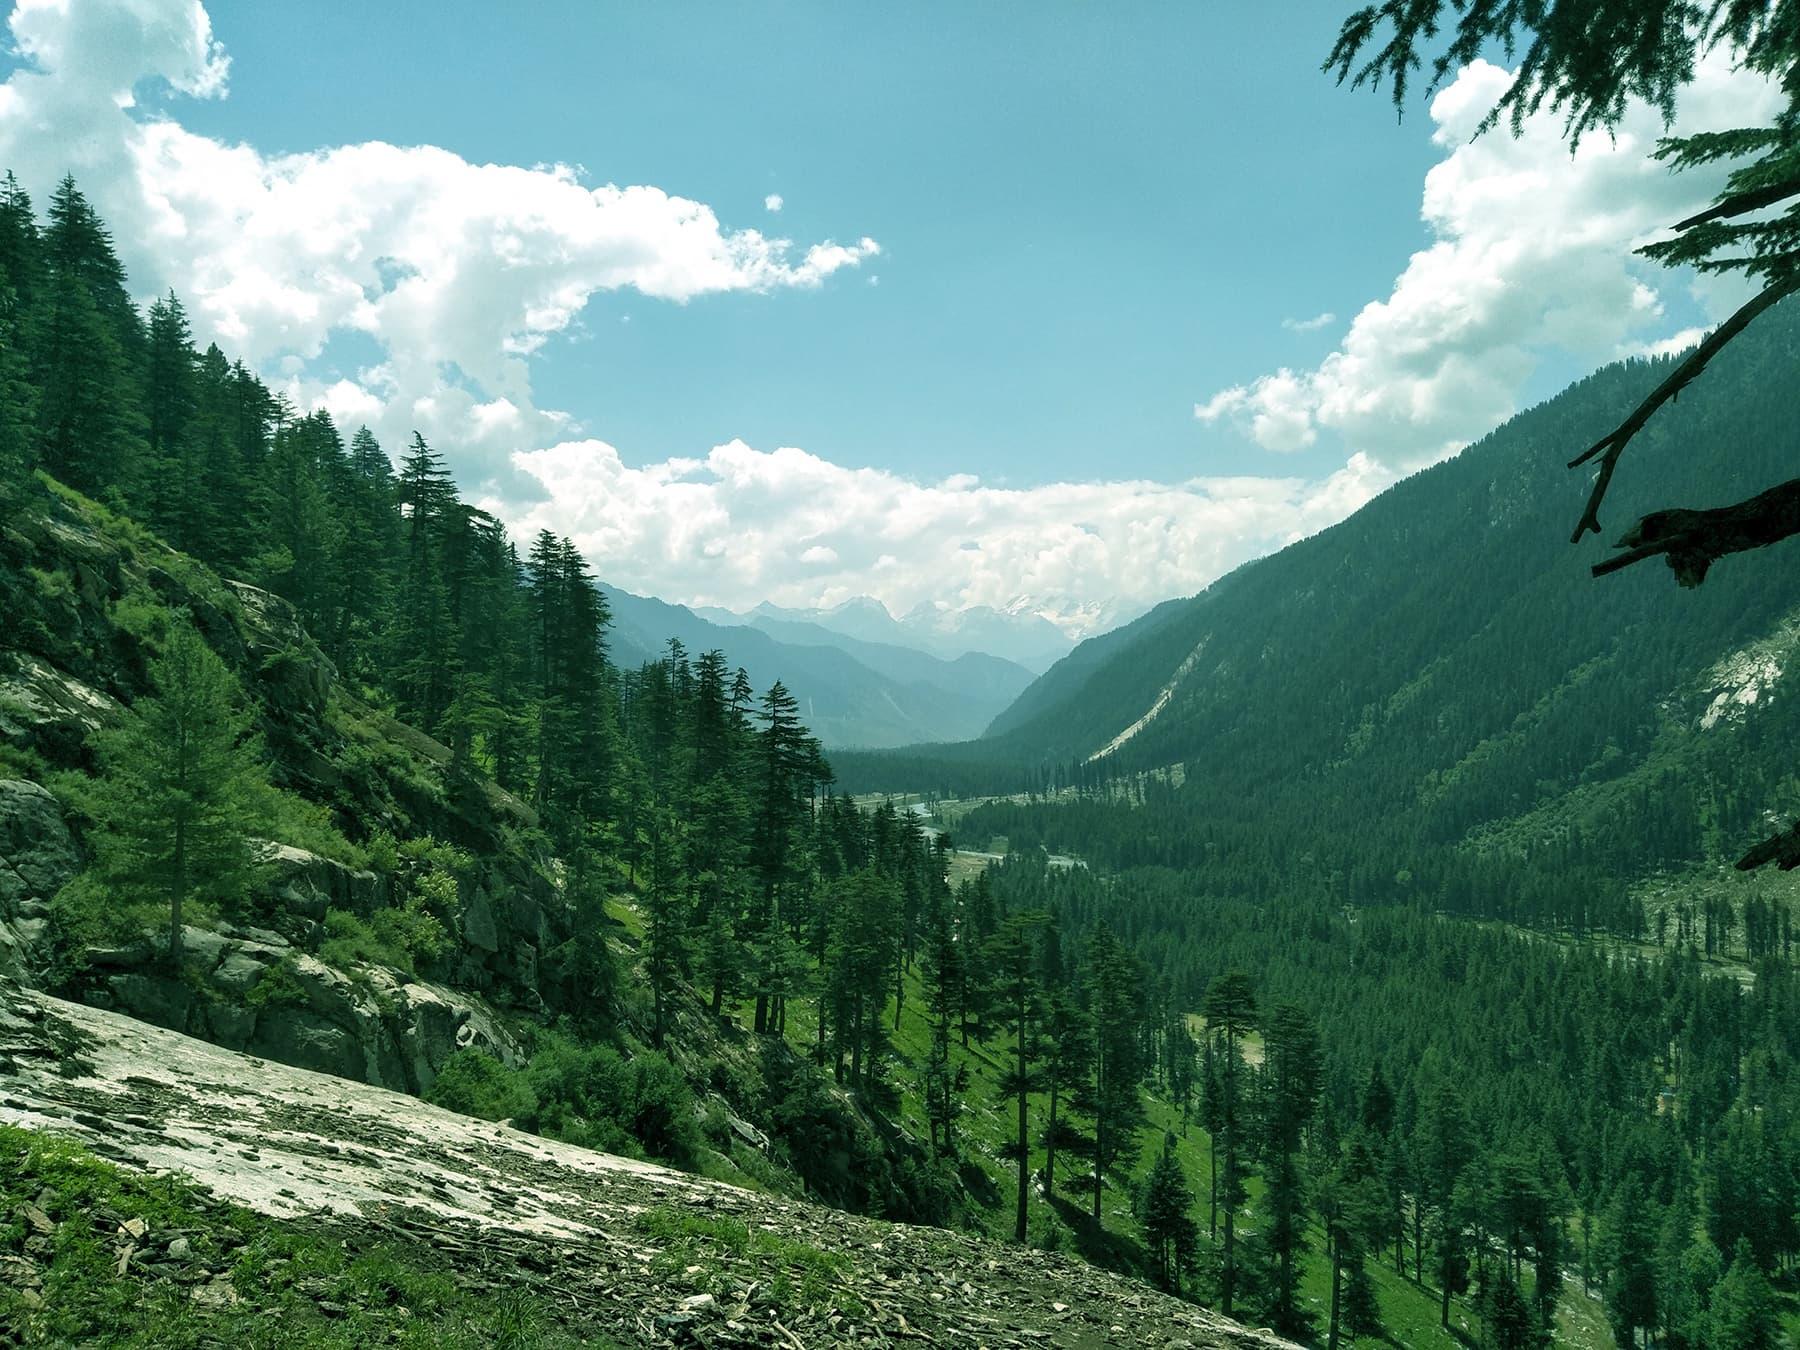 کمراٹ کے جنگلات کا ایک خوبصورت منظر—عظمت اکبر